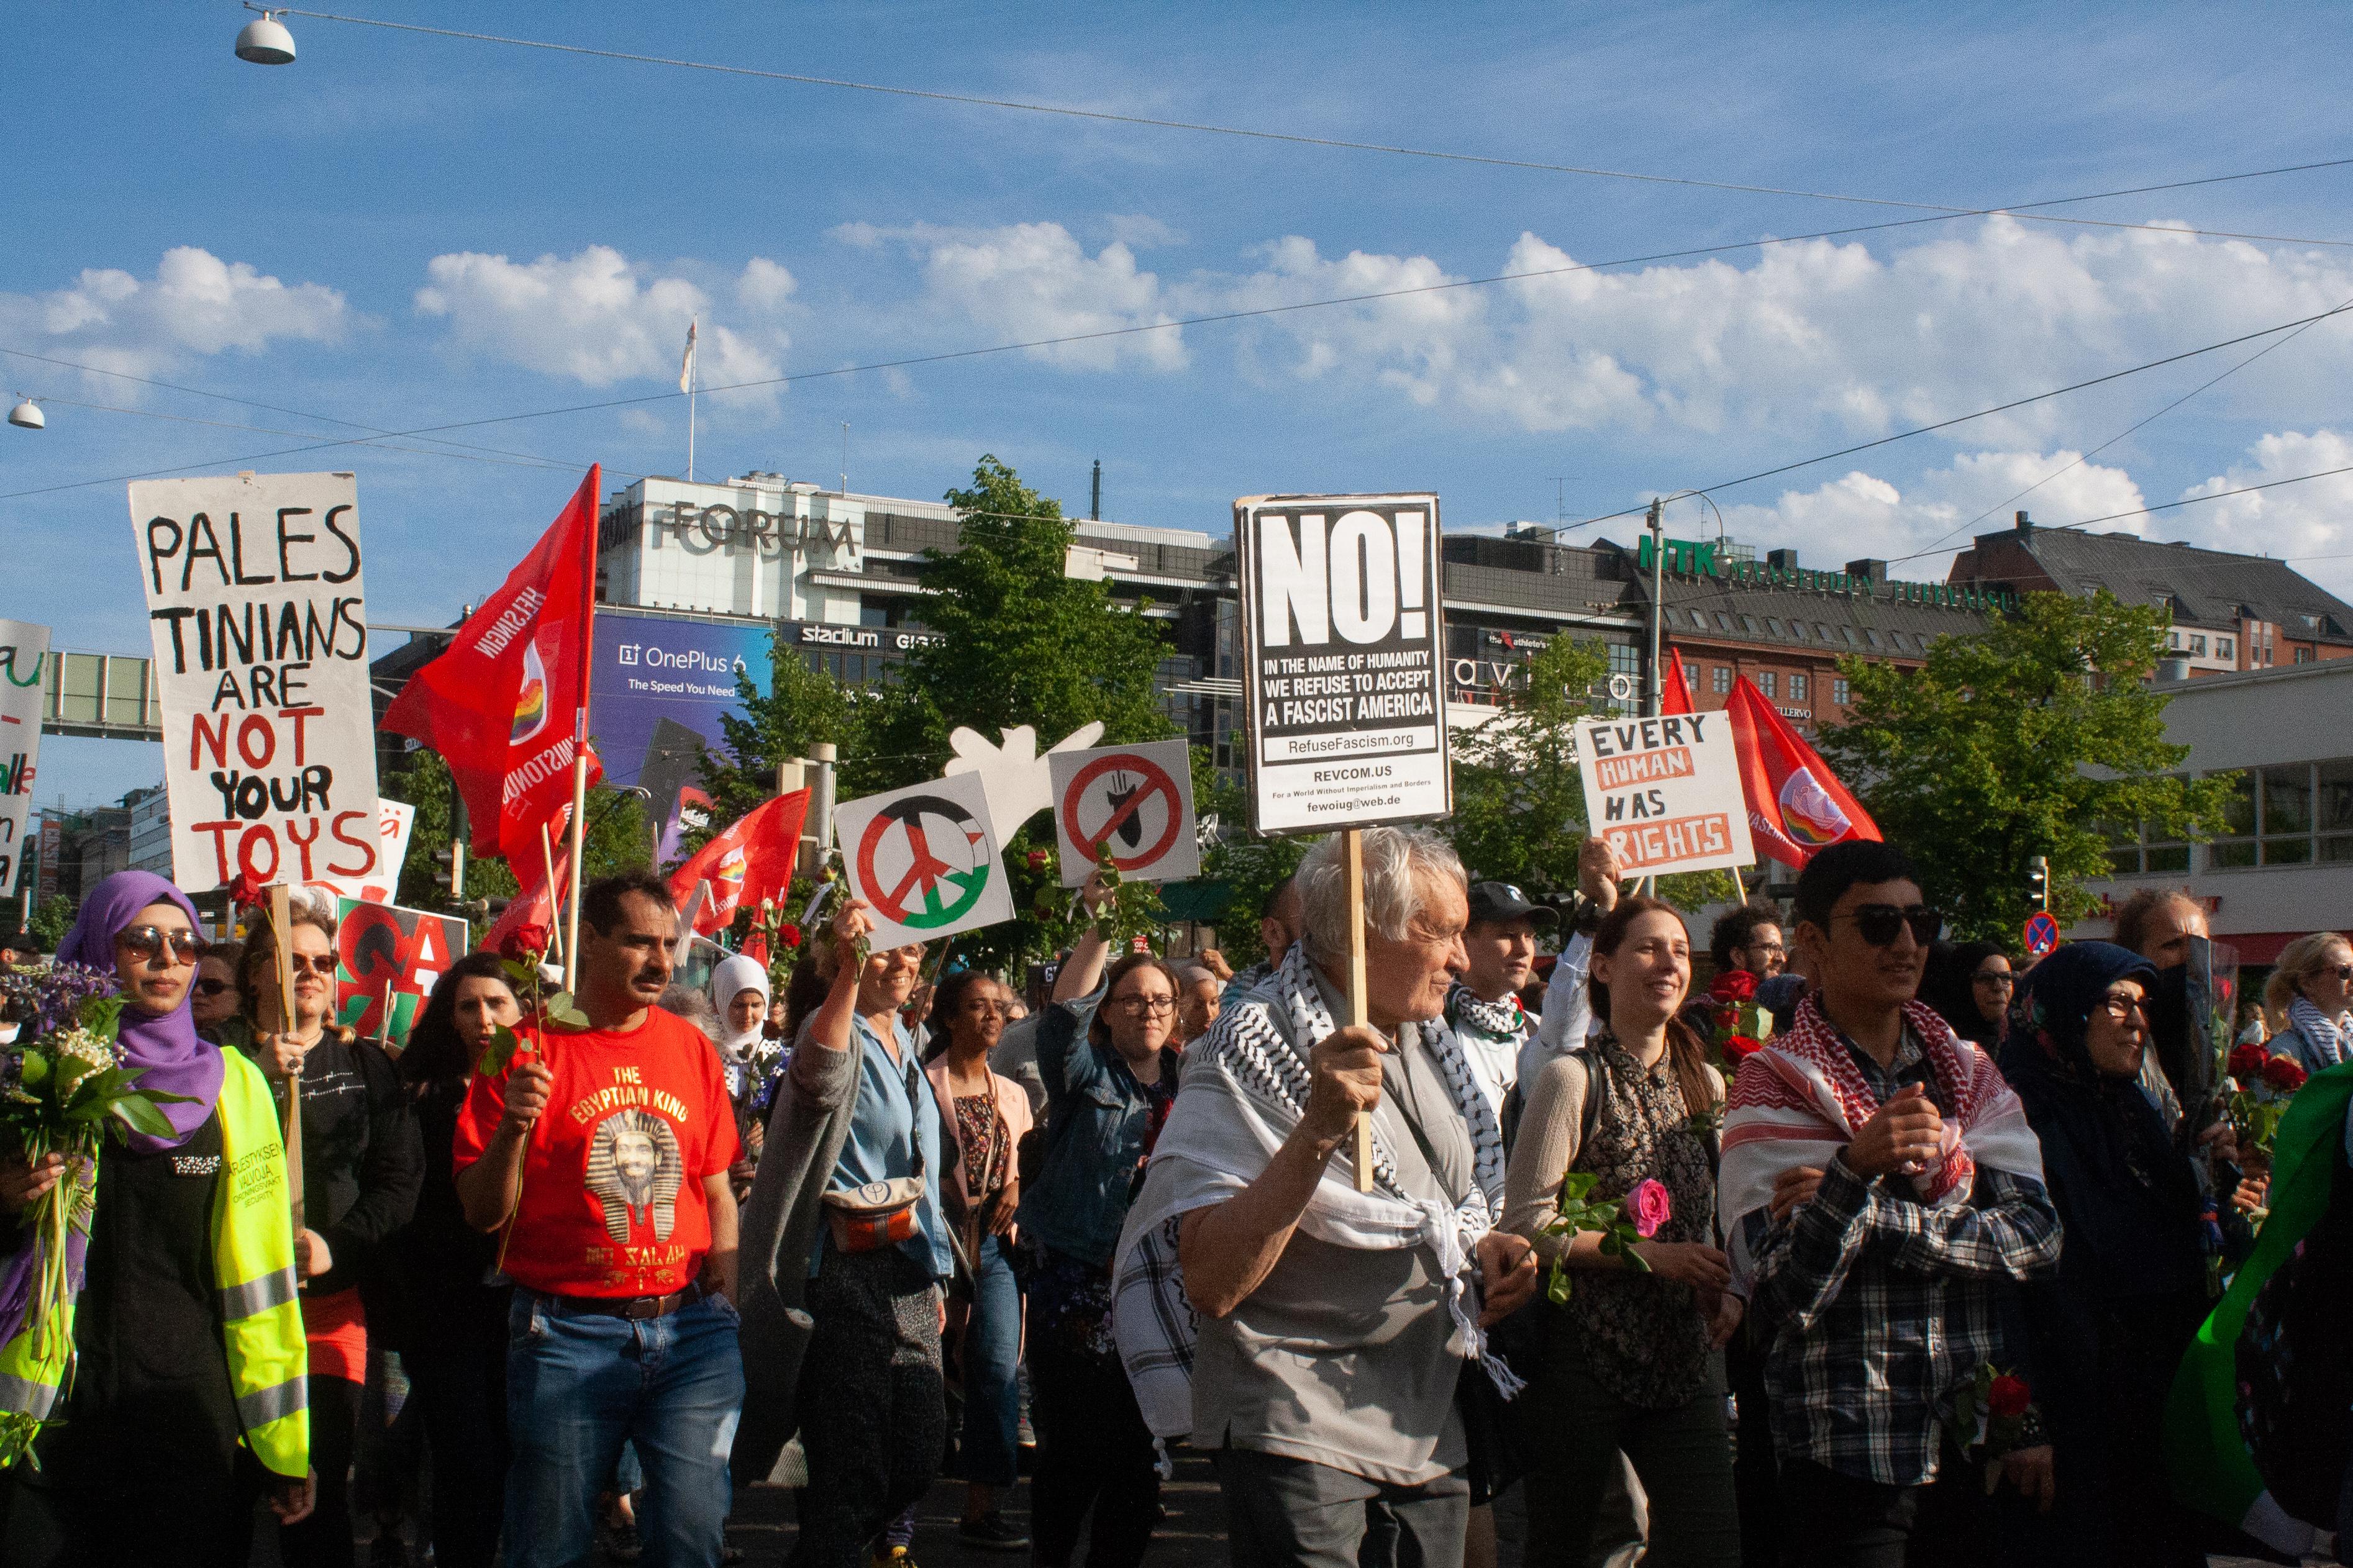 ICAHD Finland vastustaa kokoontumislain muuttamista